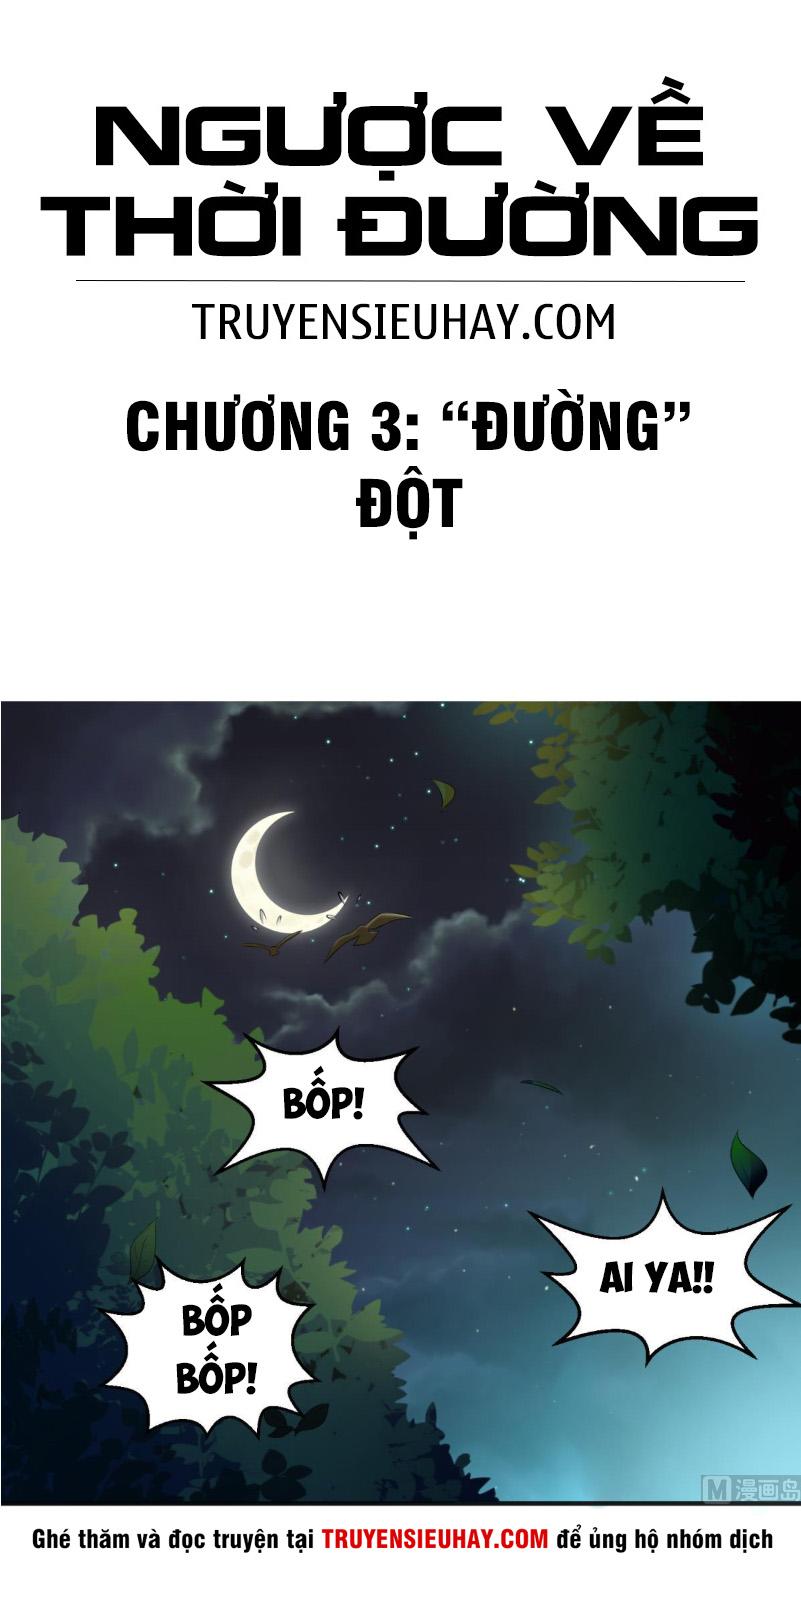 Ngược Về Thời Đường Chapter 3 video - truyenmh.com